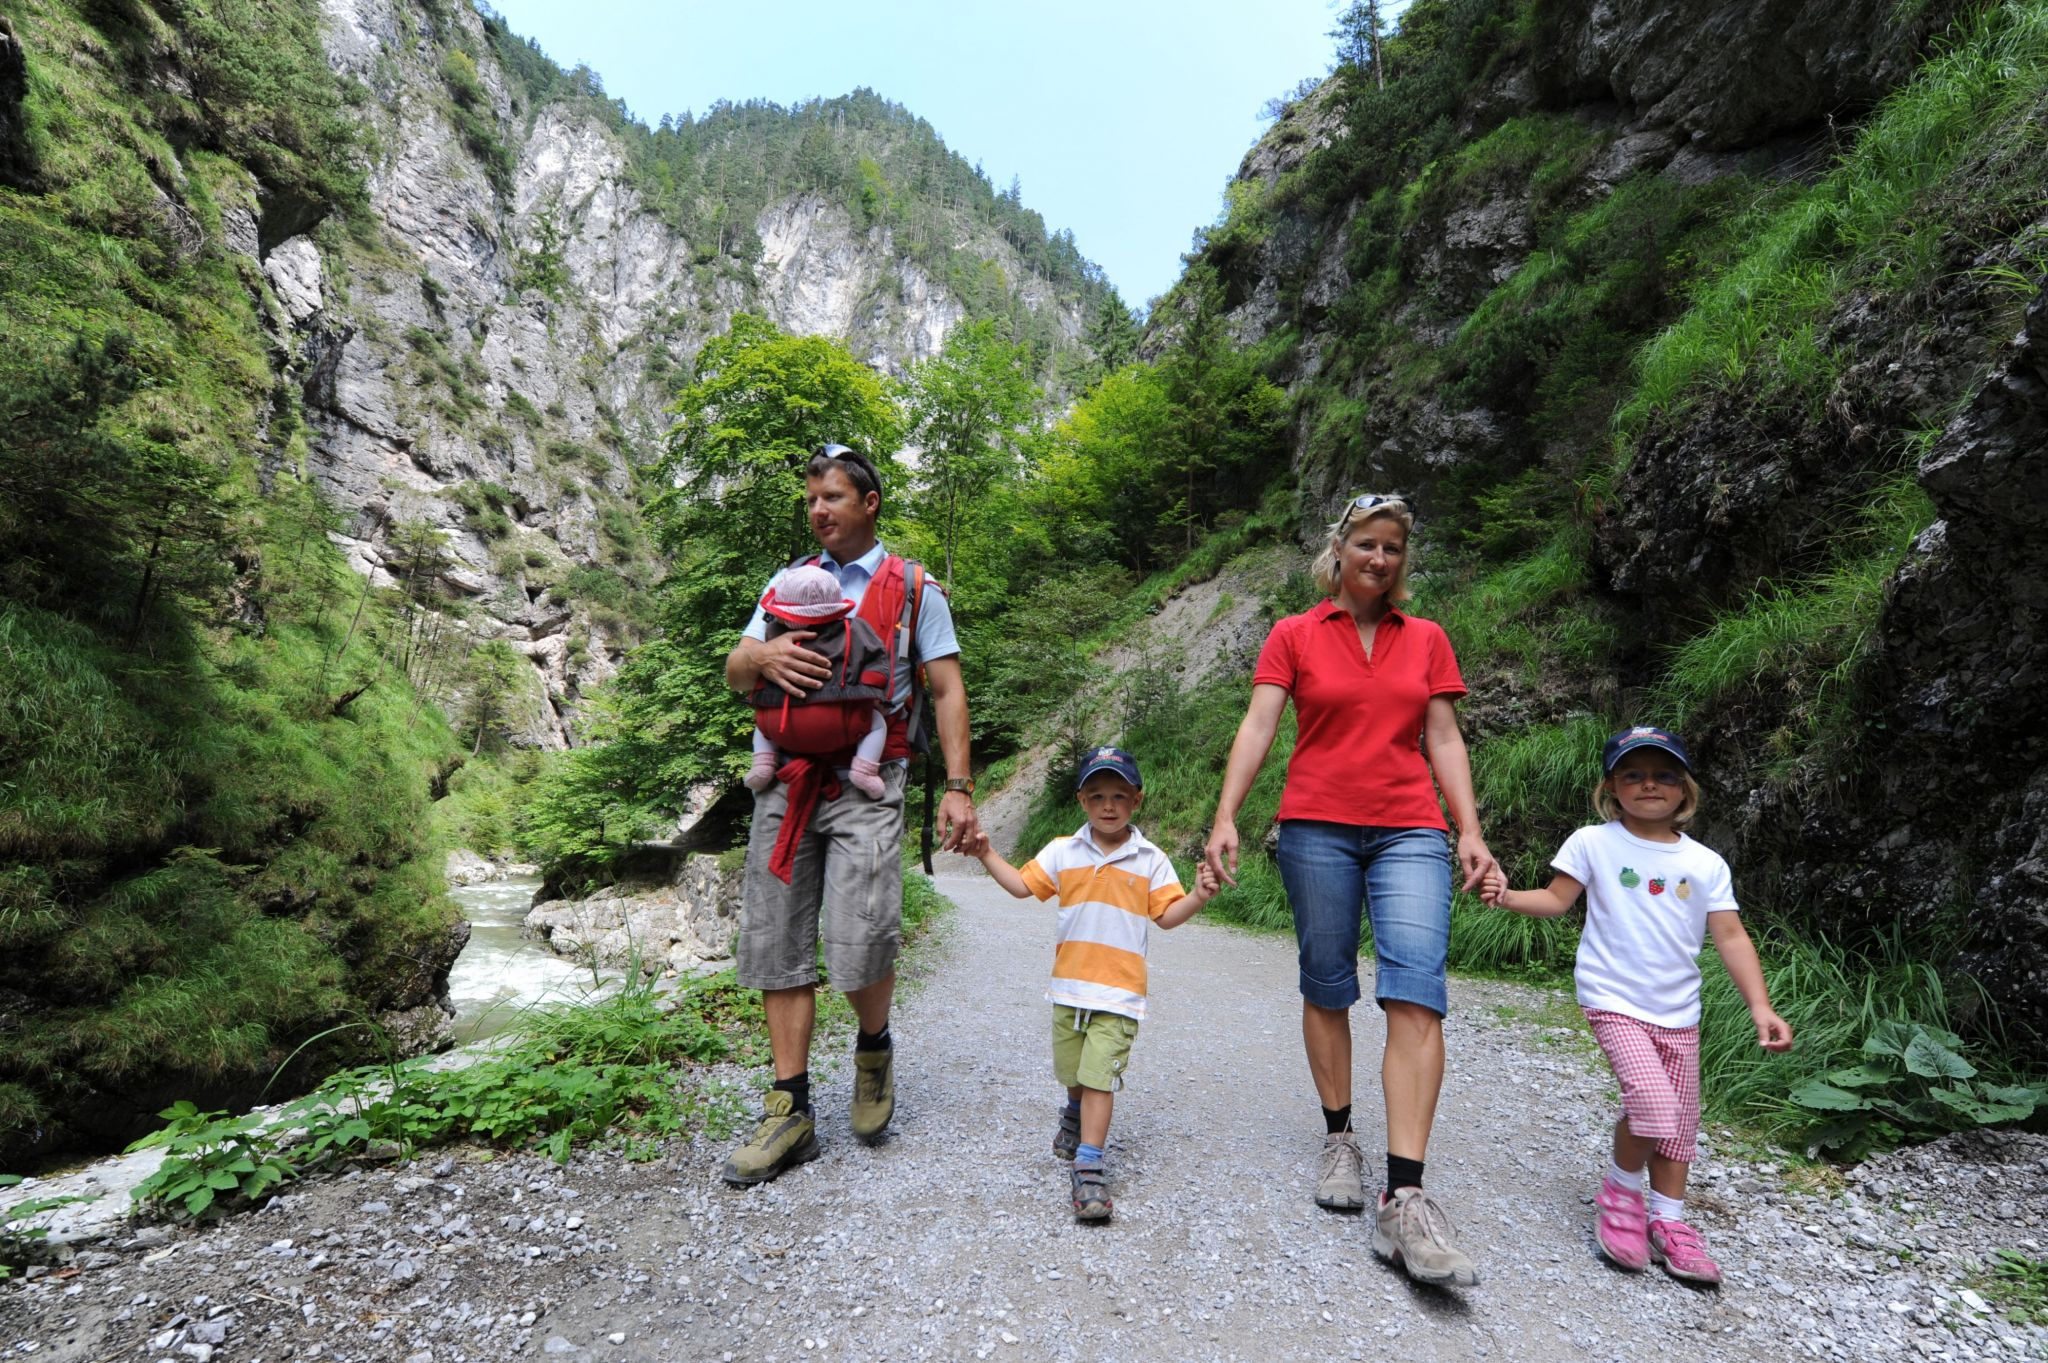 Familienwanderung in der Kundler Klamm, © Alpbachtal Seenland Tourismus